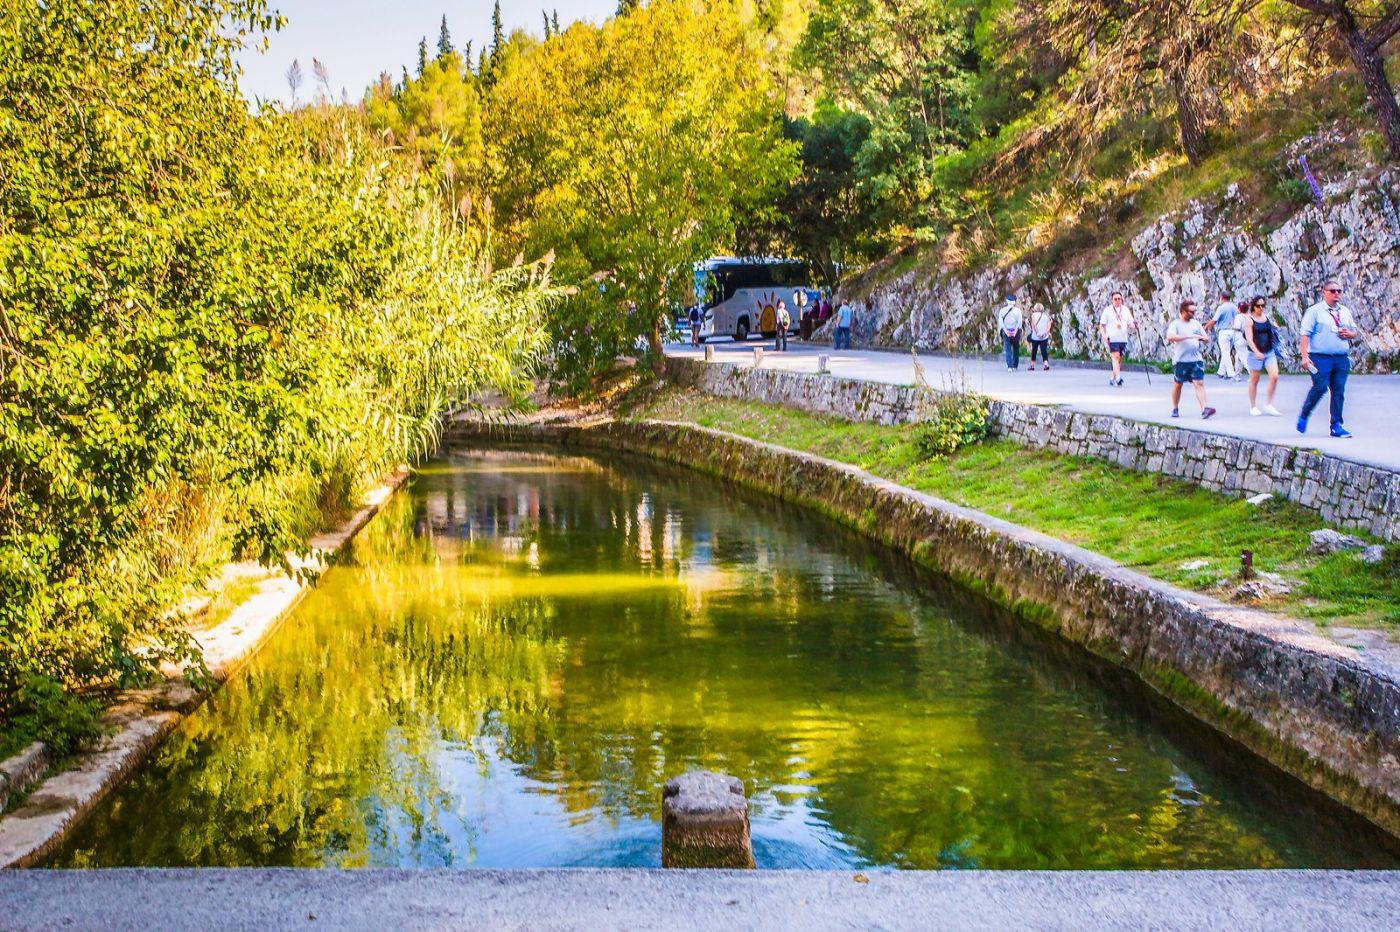 克罗地亚克尔卡国家公园(Krka National Park),小桥小路小房_图1-9